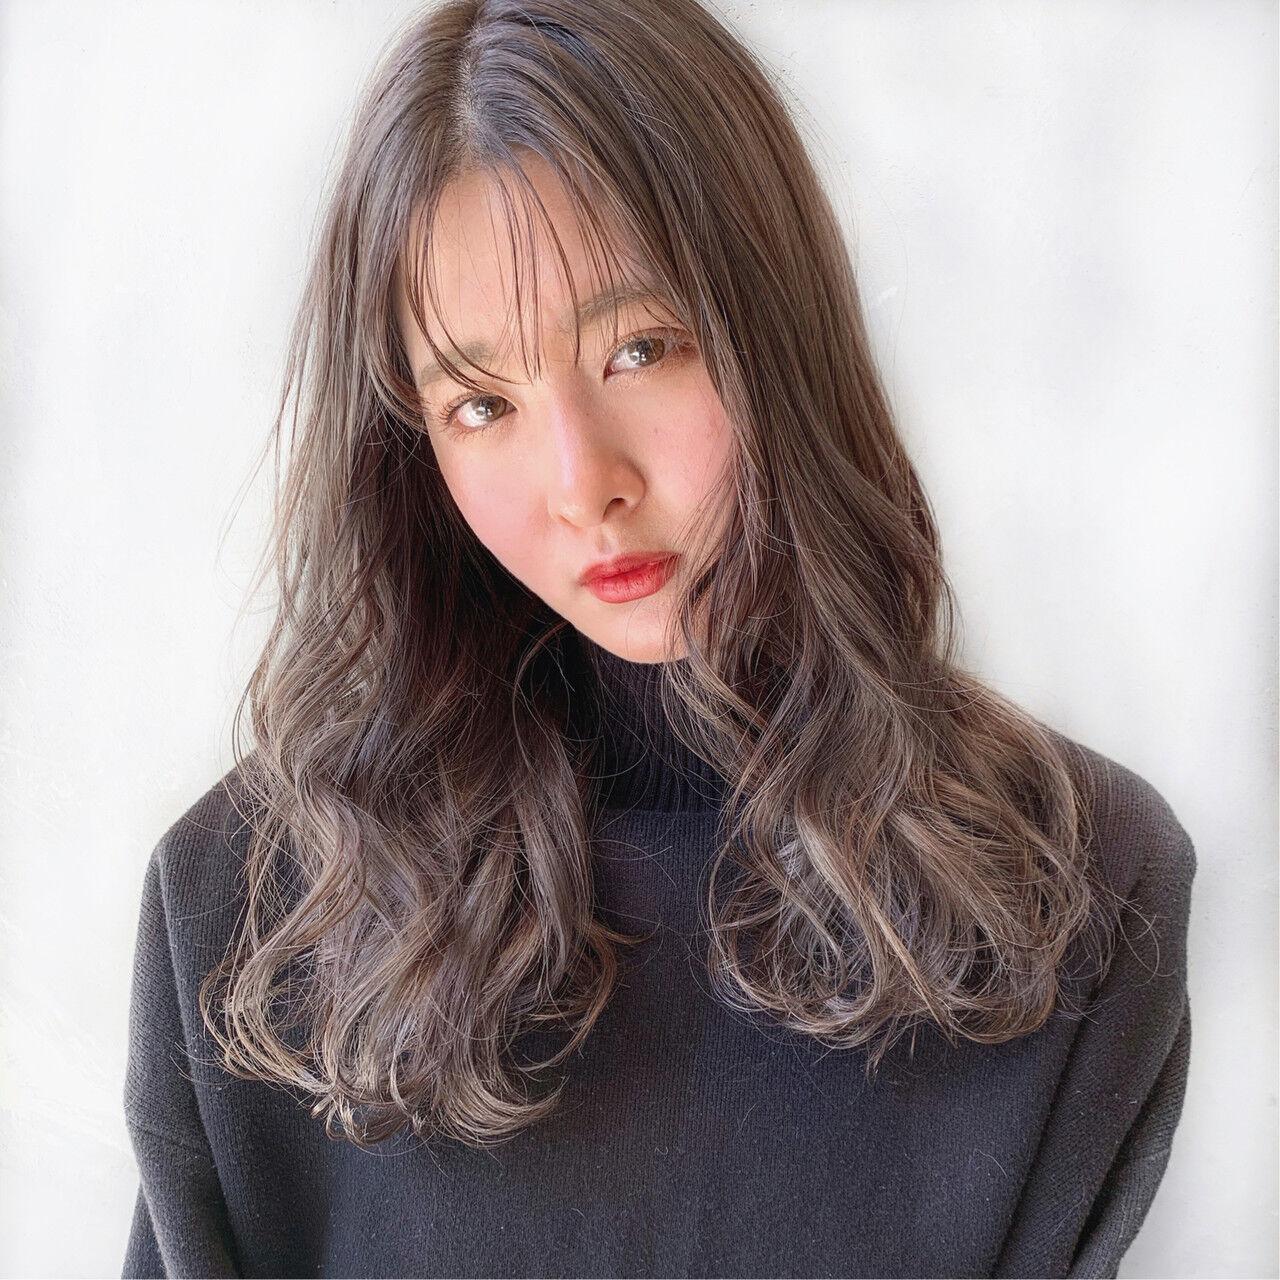 ナチュラル アンニュイほつれヘア ロング 透明感カラーヘアスタイルや髪型の写真・画像